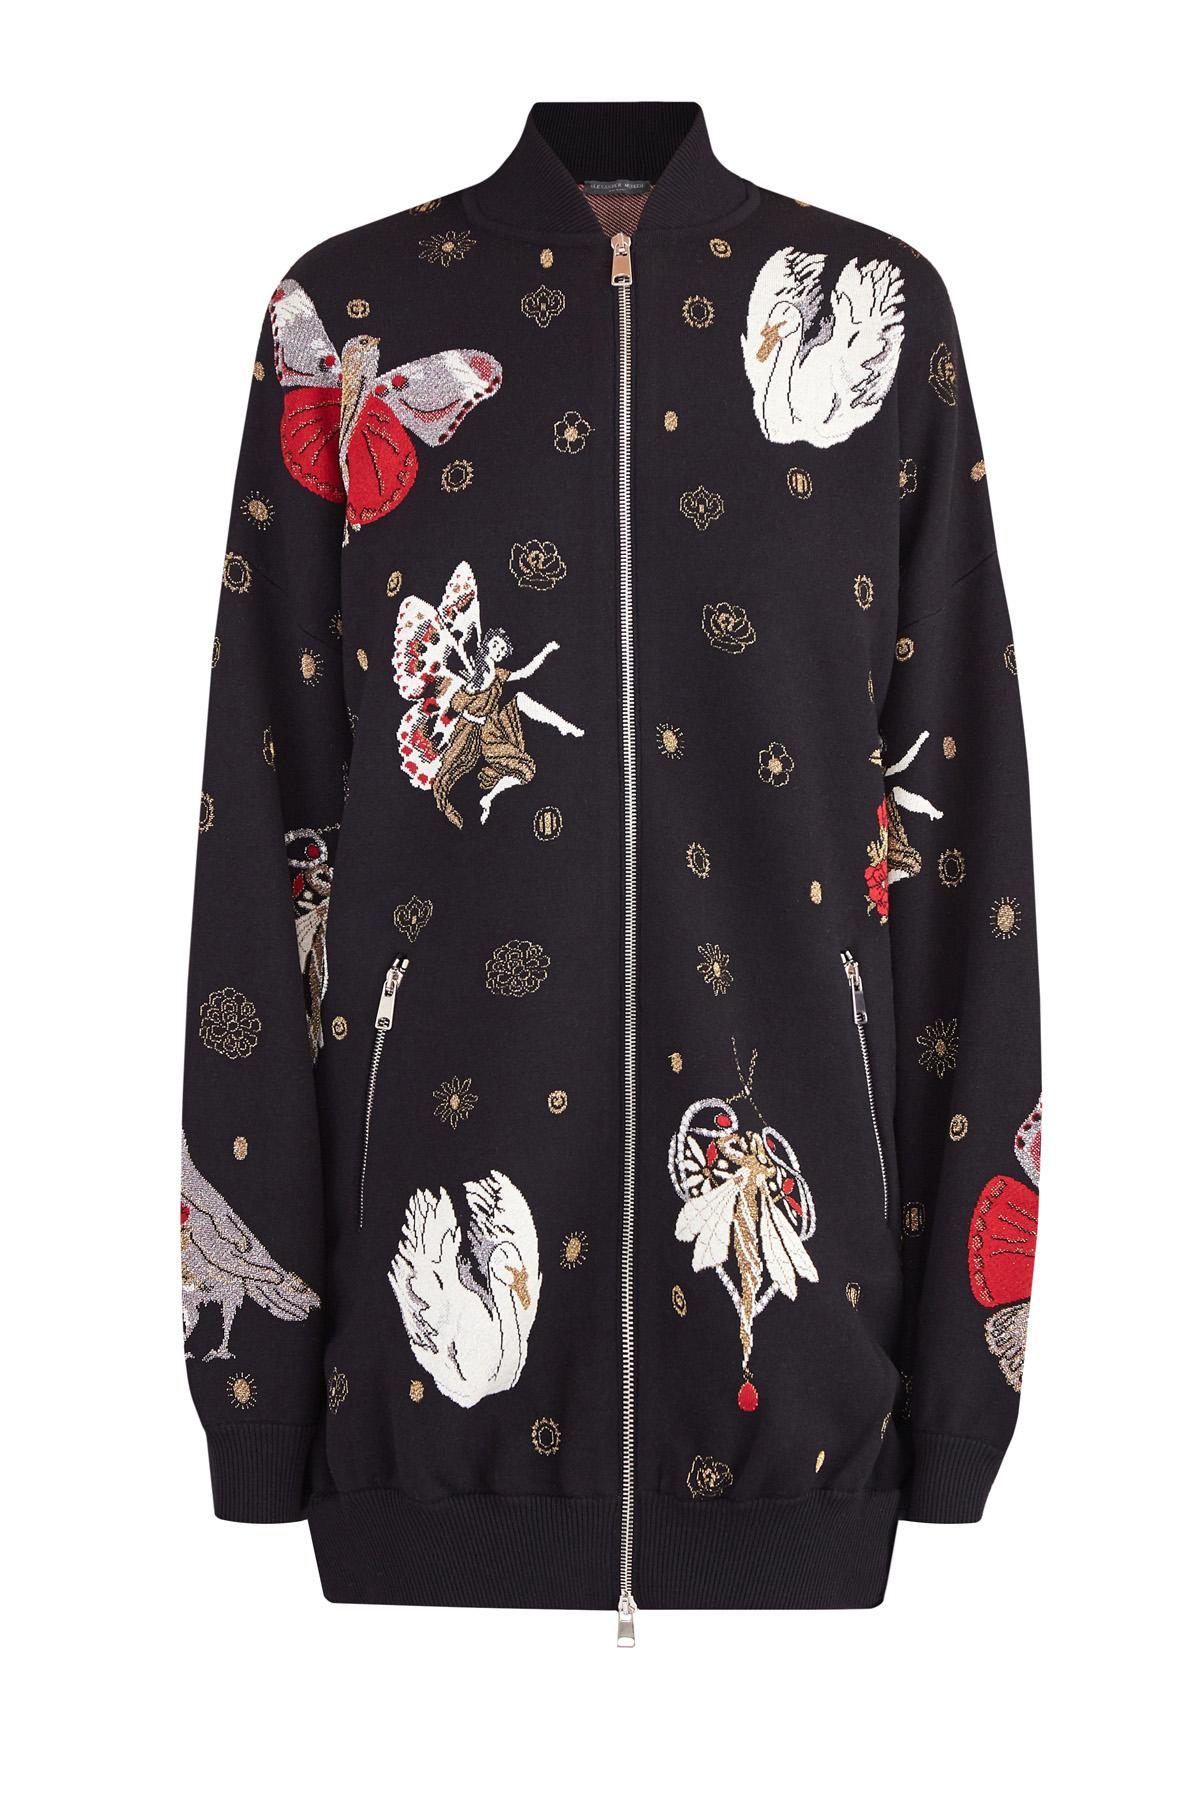 Купить Куртка, ALEXANDER MCQUEEN, Италия, шелк 42%, шерсть 39%, полиамид 8%, металлическое волокно 5%, полиэстер 5%, .Экокожа 1%